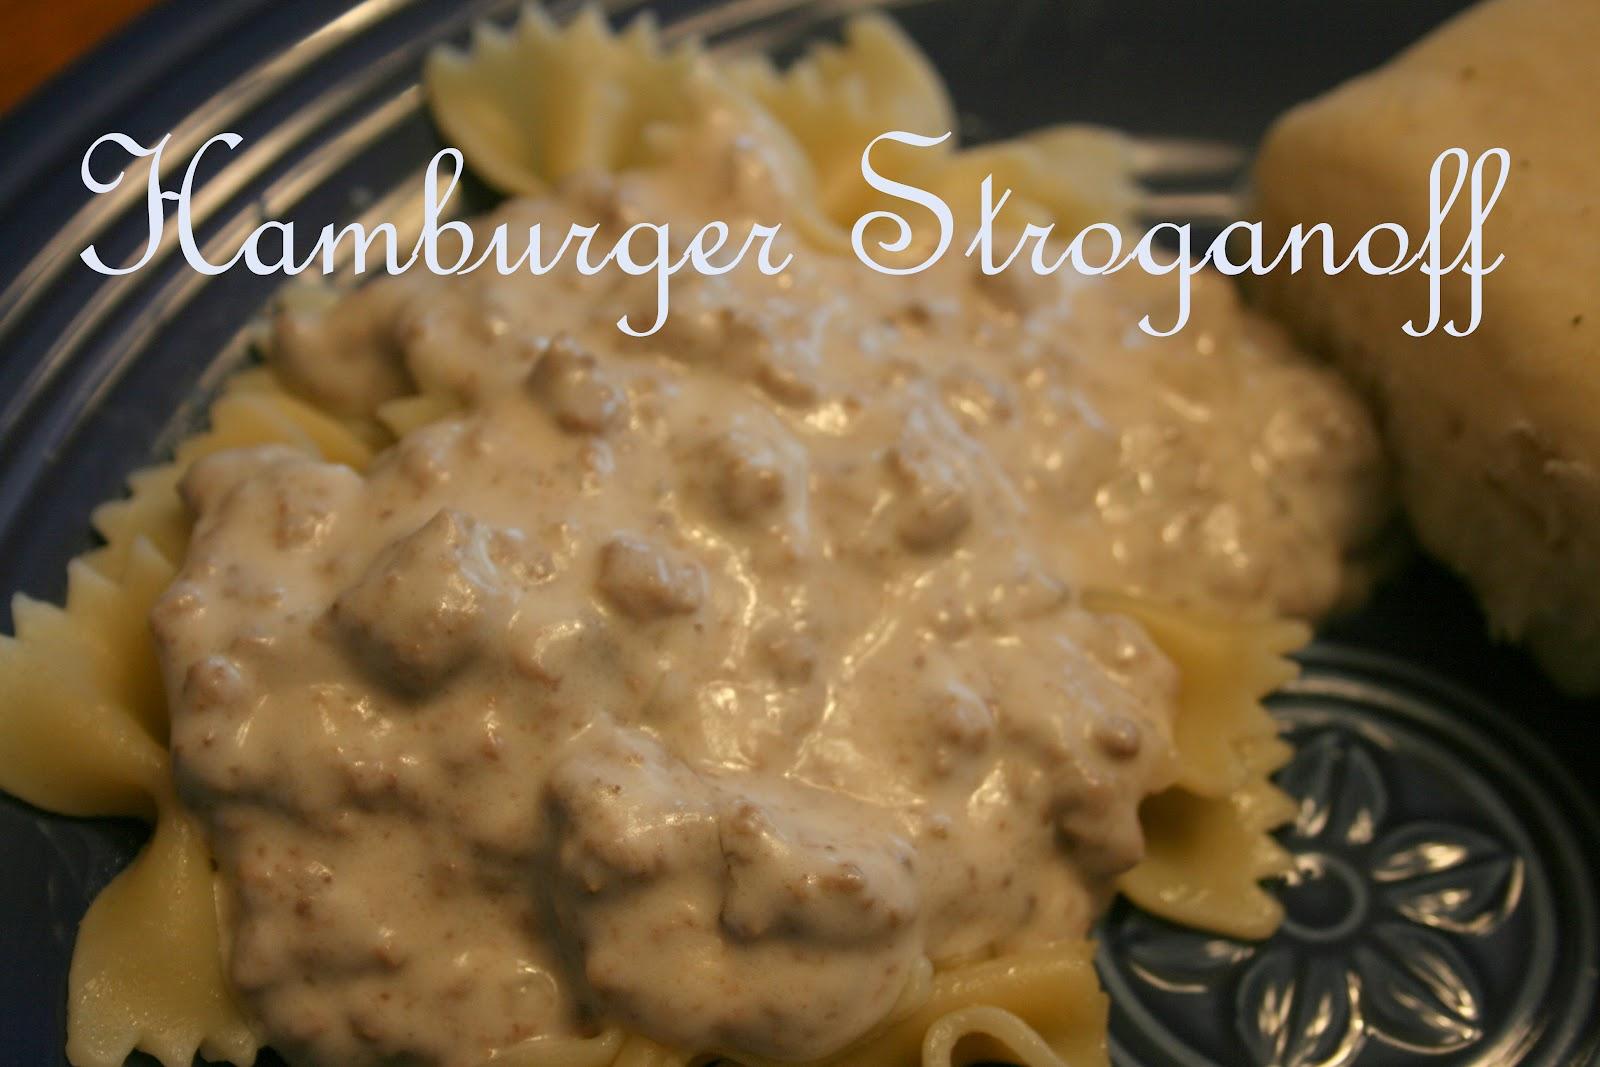 Family Heritage Recipes: Hamburger Stroganoff